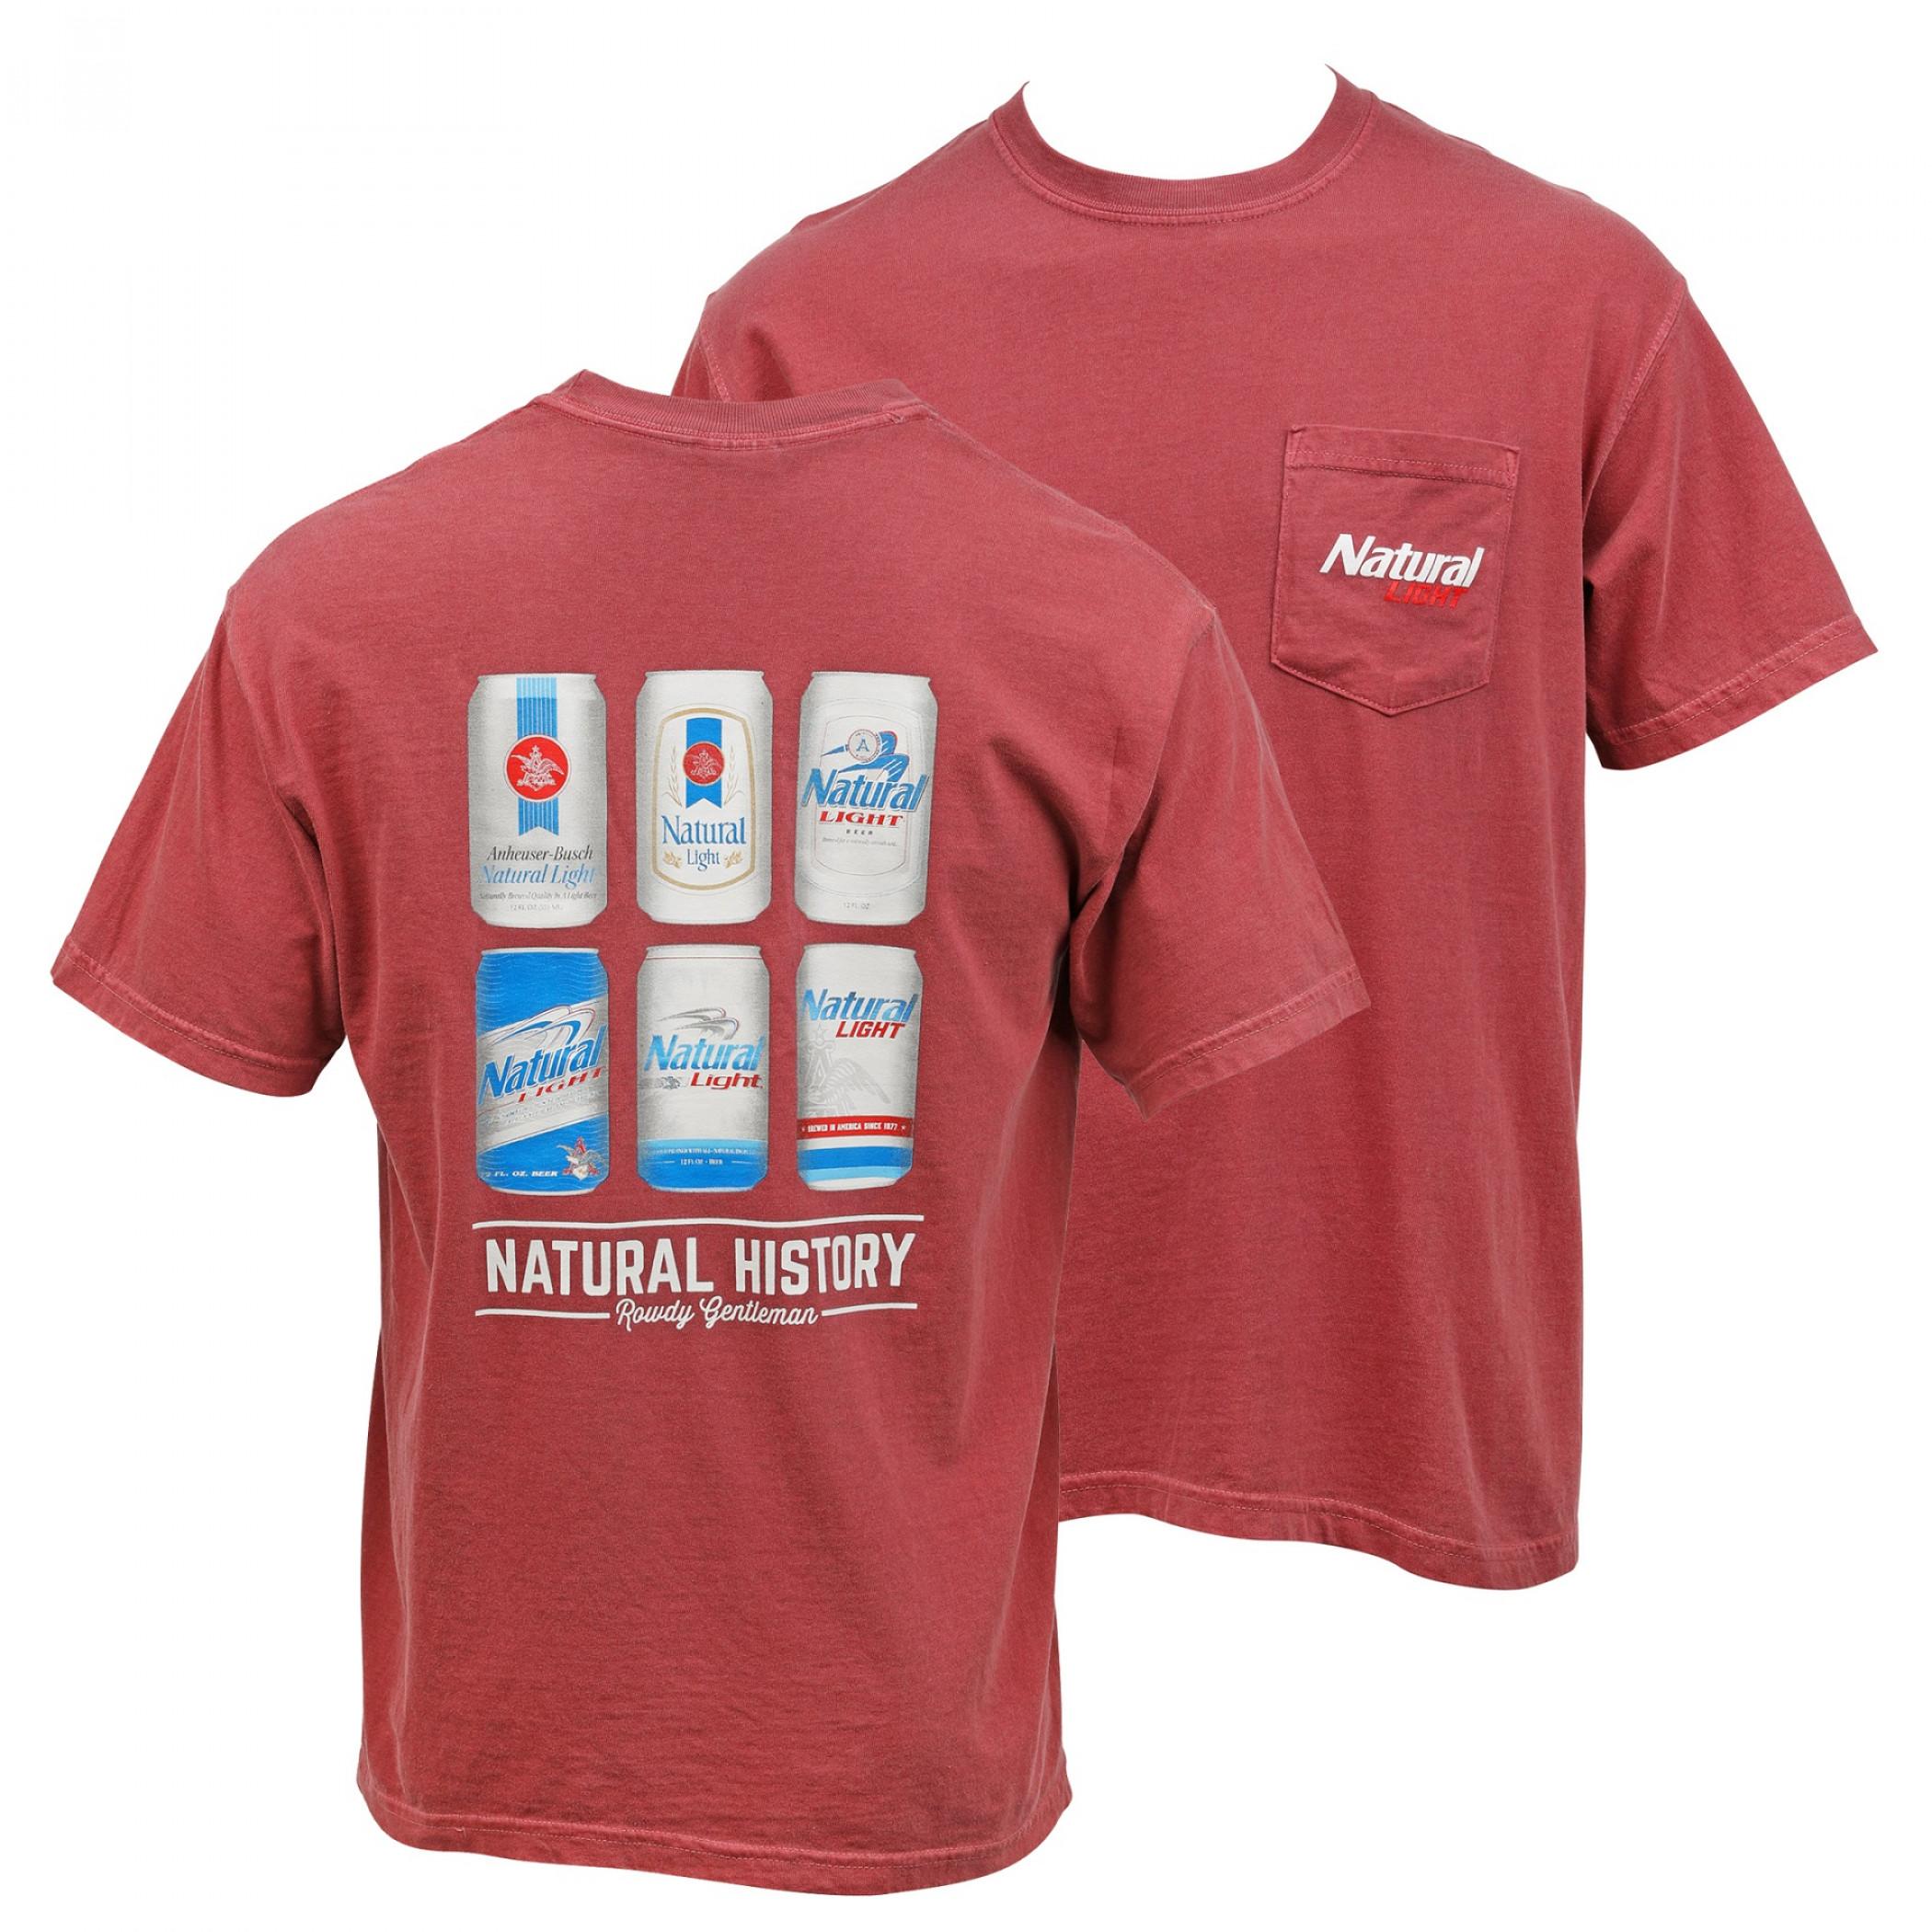 Natural Light Beer Natural History Pocket T-Shirt